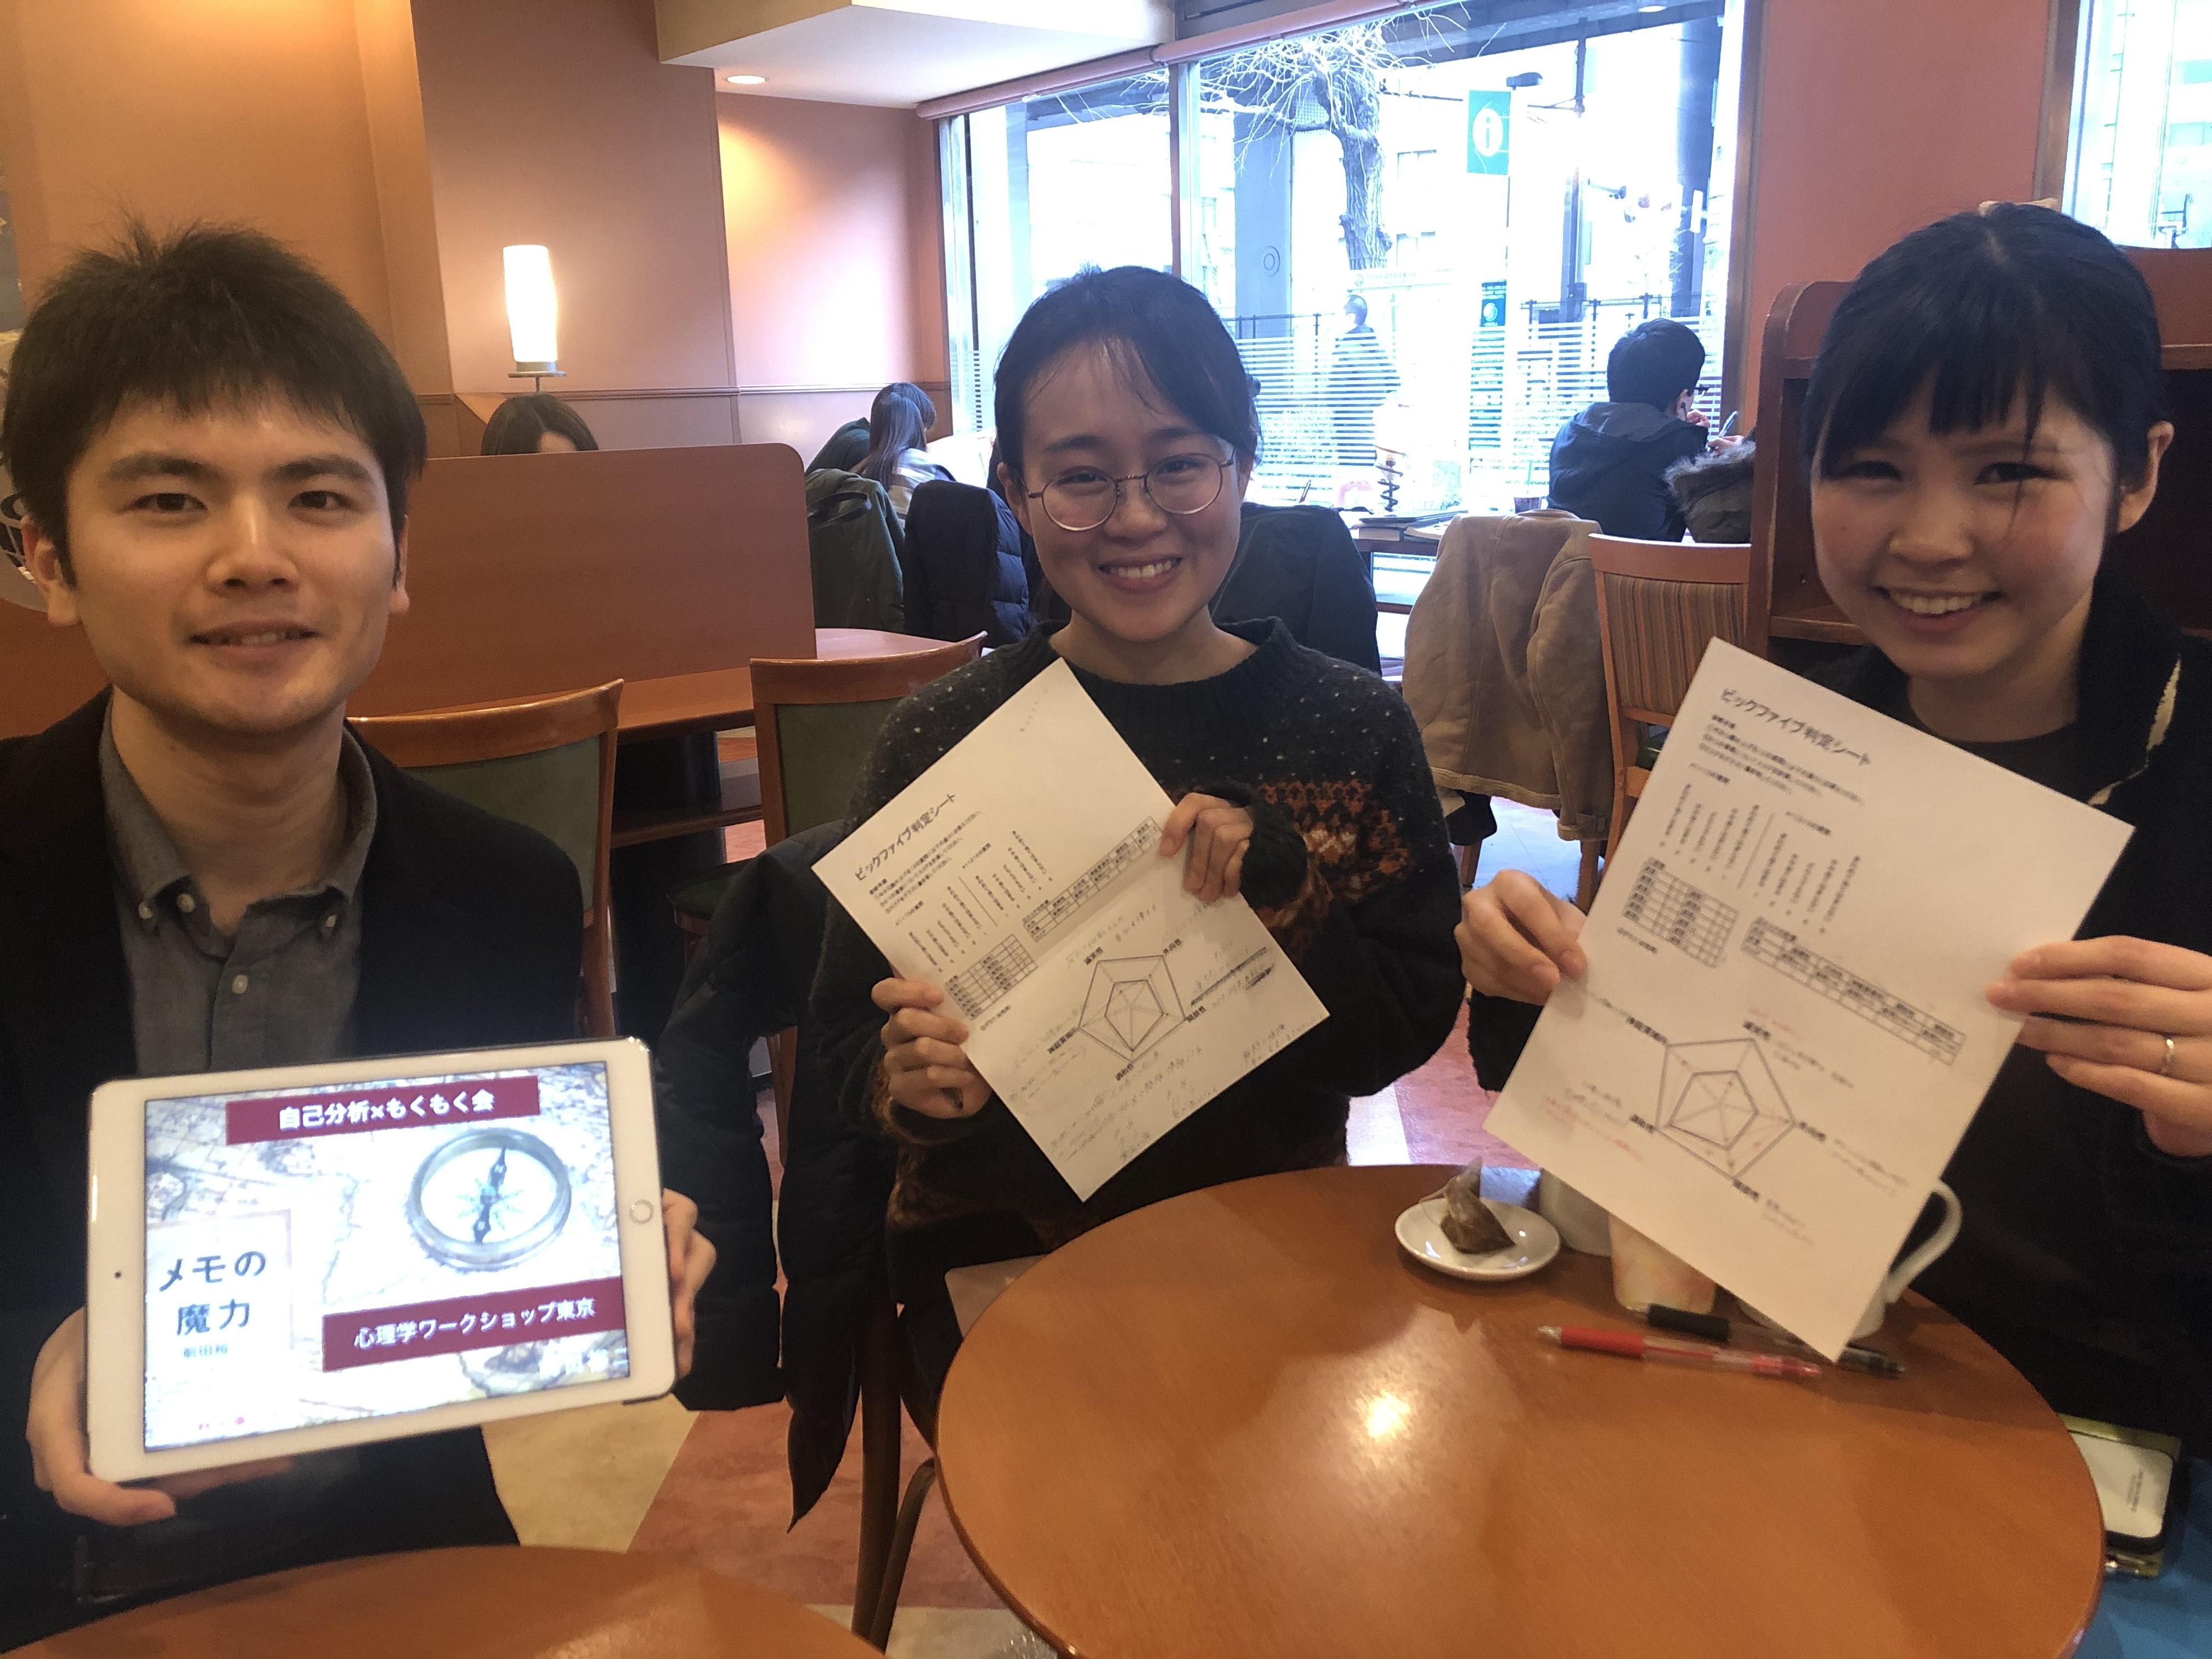 2020年1月25日 第6回目の自己分析セミナー東京